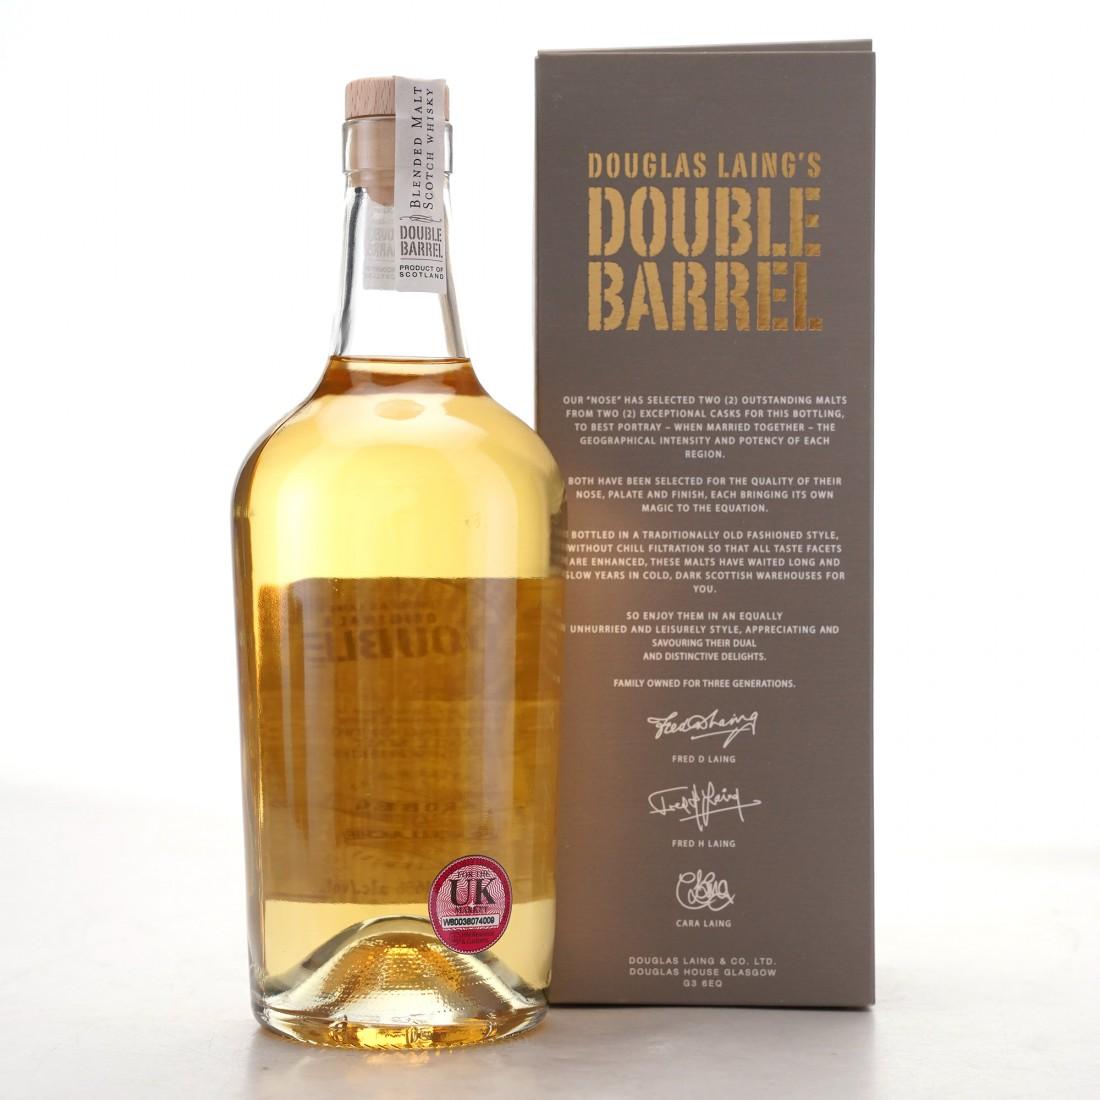 Ardbeg & Craigellachie Douglas Laing Double Barrel